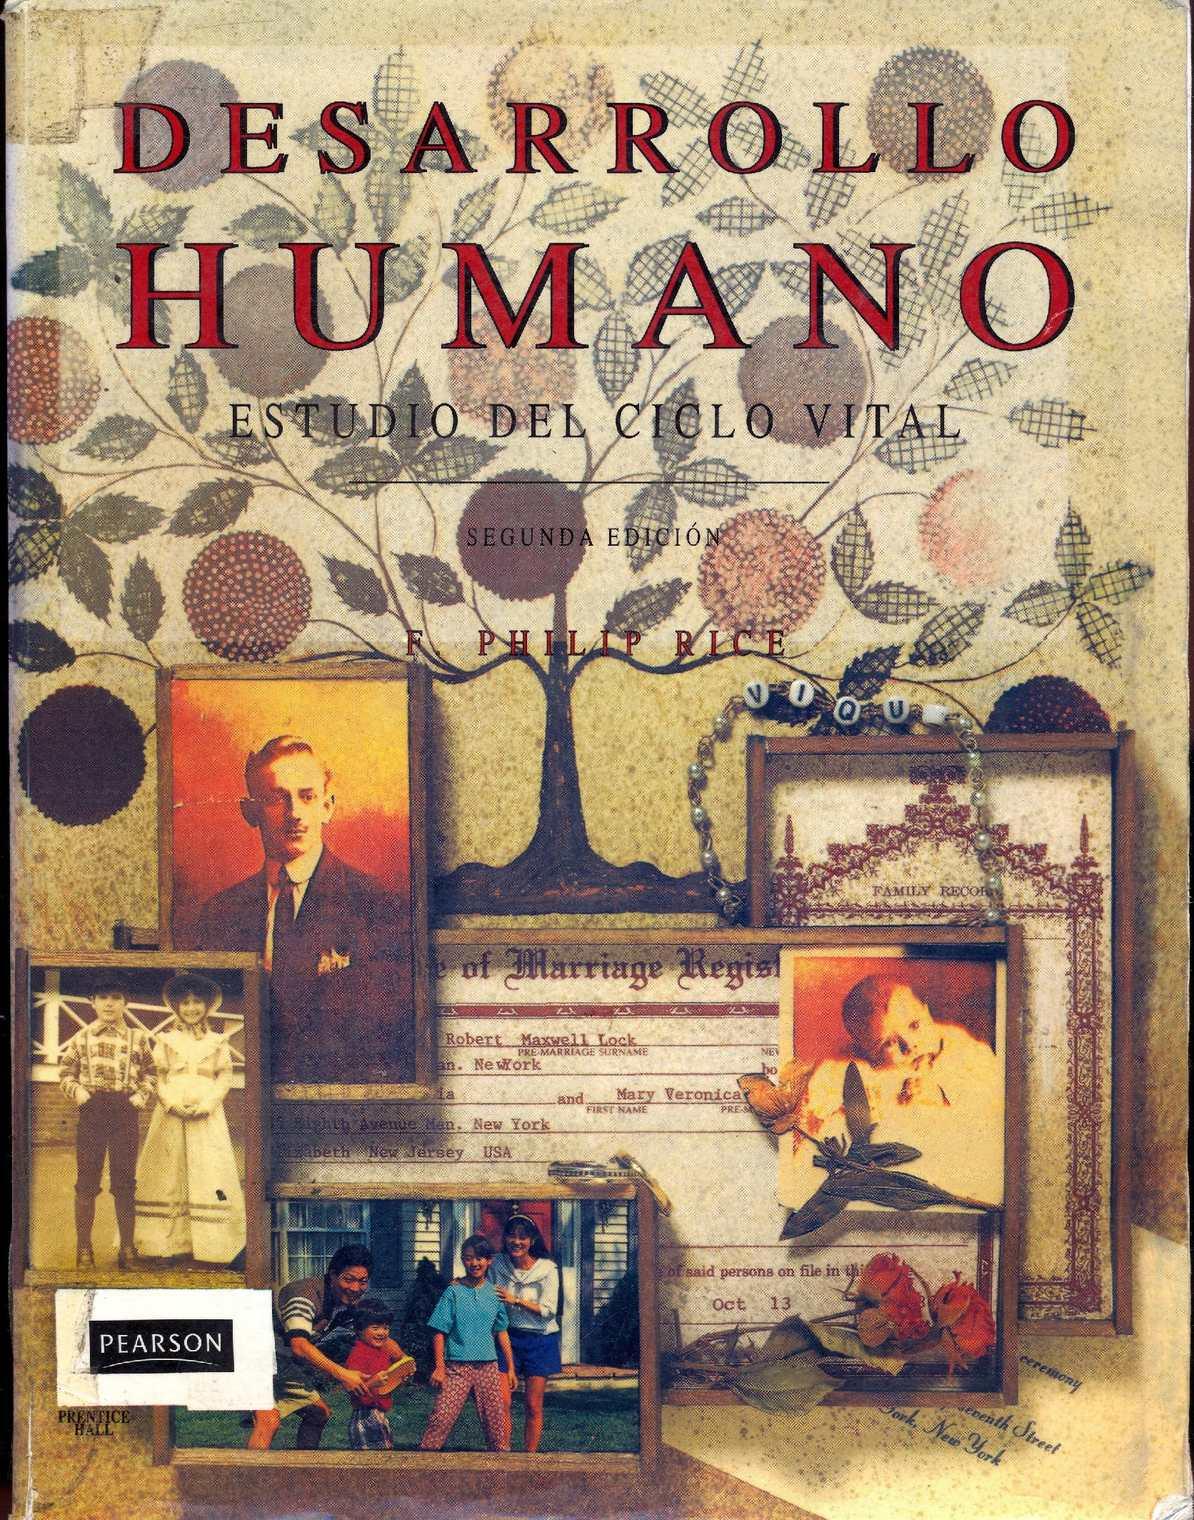 Desarrollo Humano Estudio del Ciclo Vital- F.Philip Rice